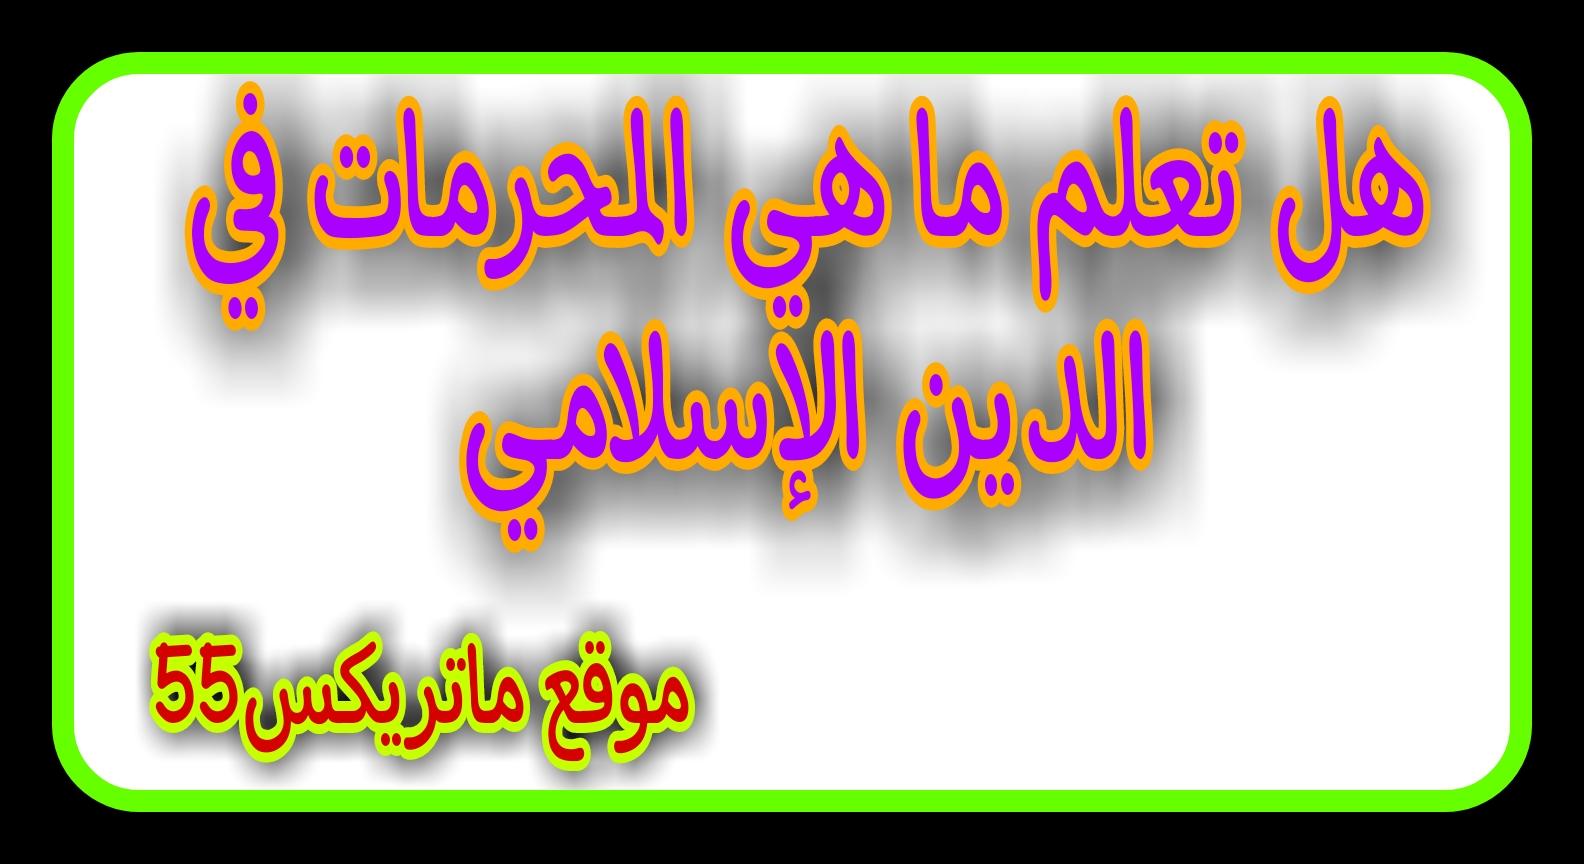 المحرمات في الدين الاسلامي   قواعد الدين الاسلامي اوسع نطاقا من قواعد القانون